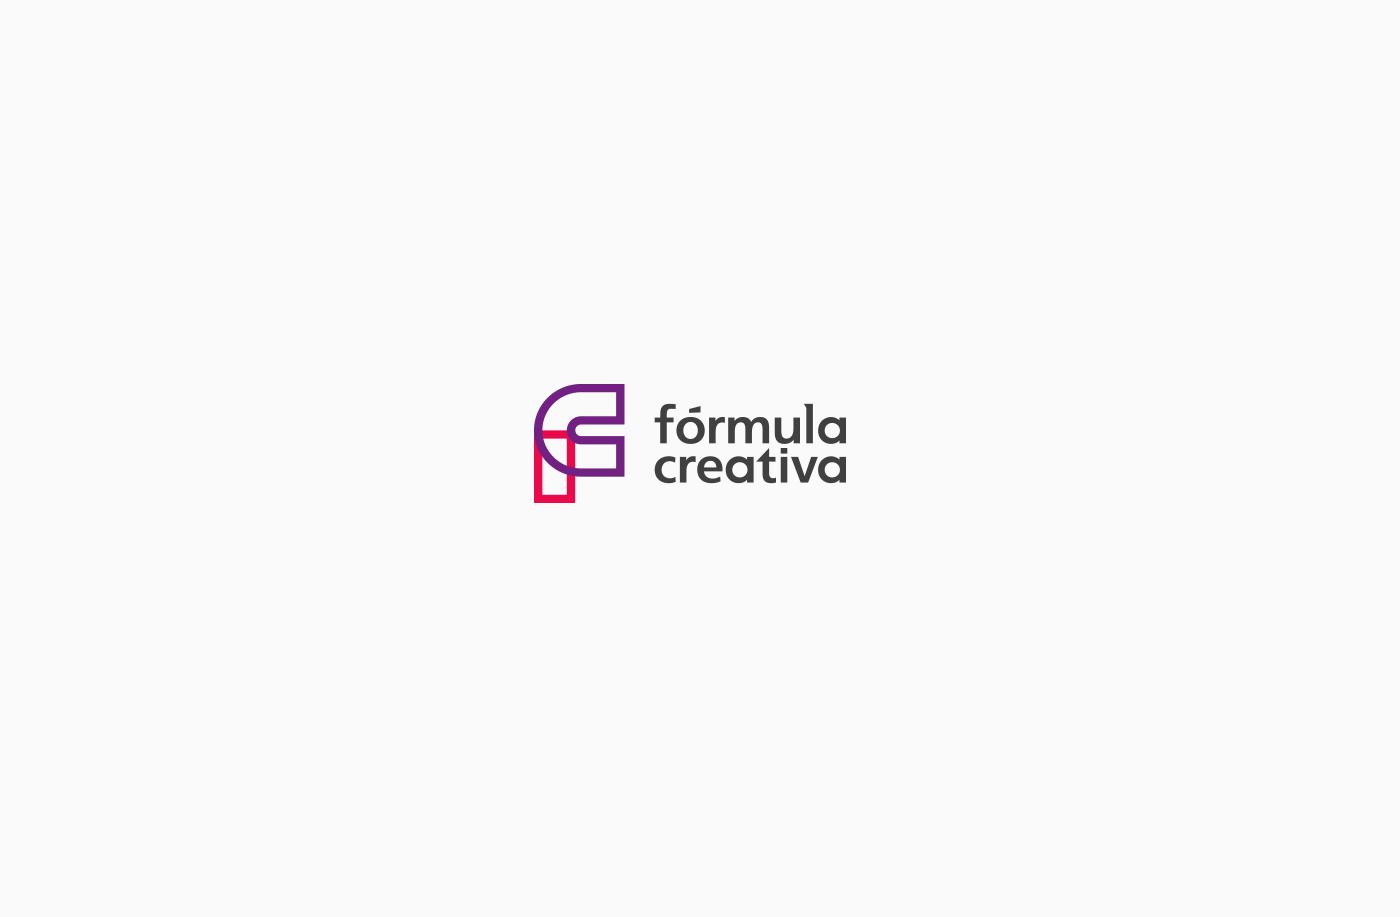 墨西哥设计工作室 Fórmula Creativa 品牌视觉设计 欣赏-第1张